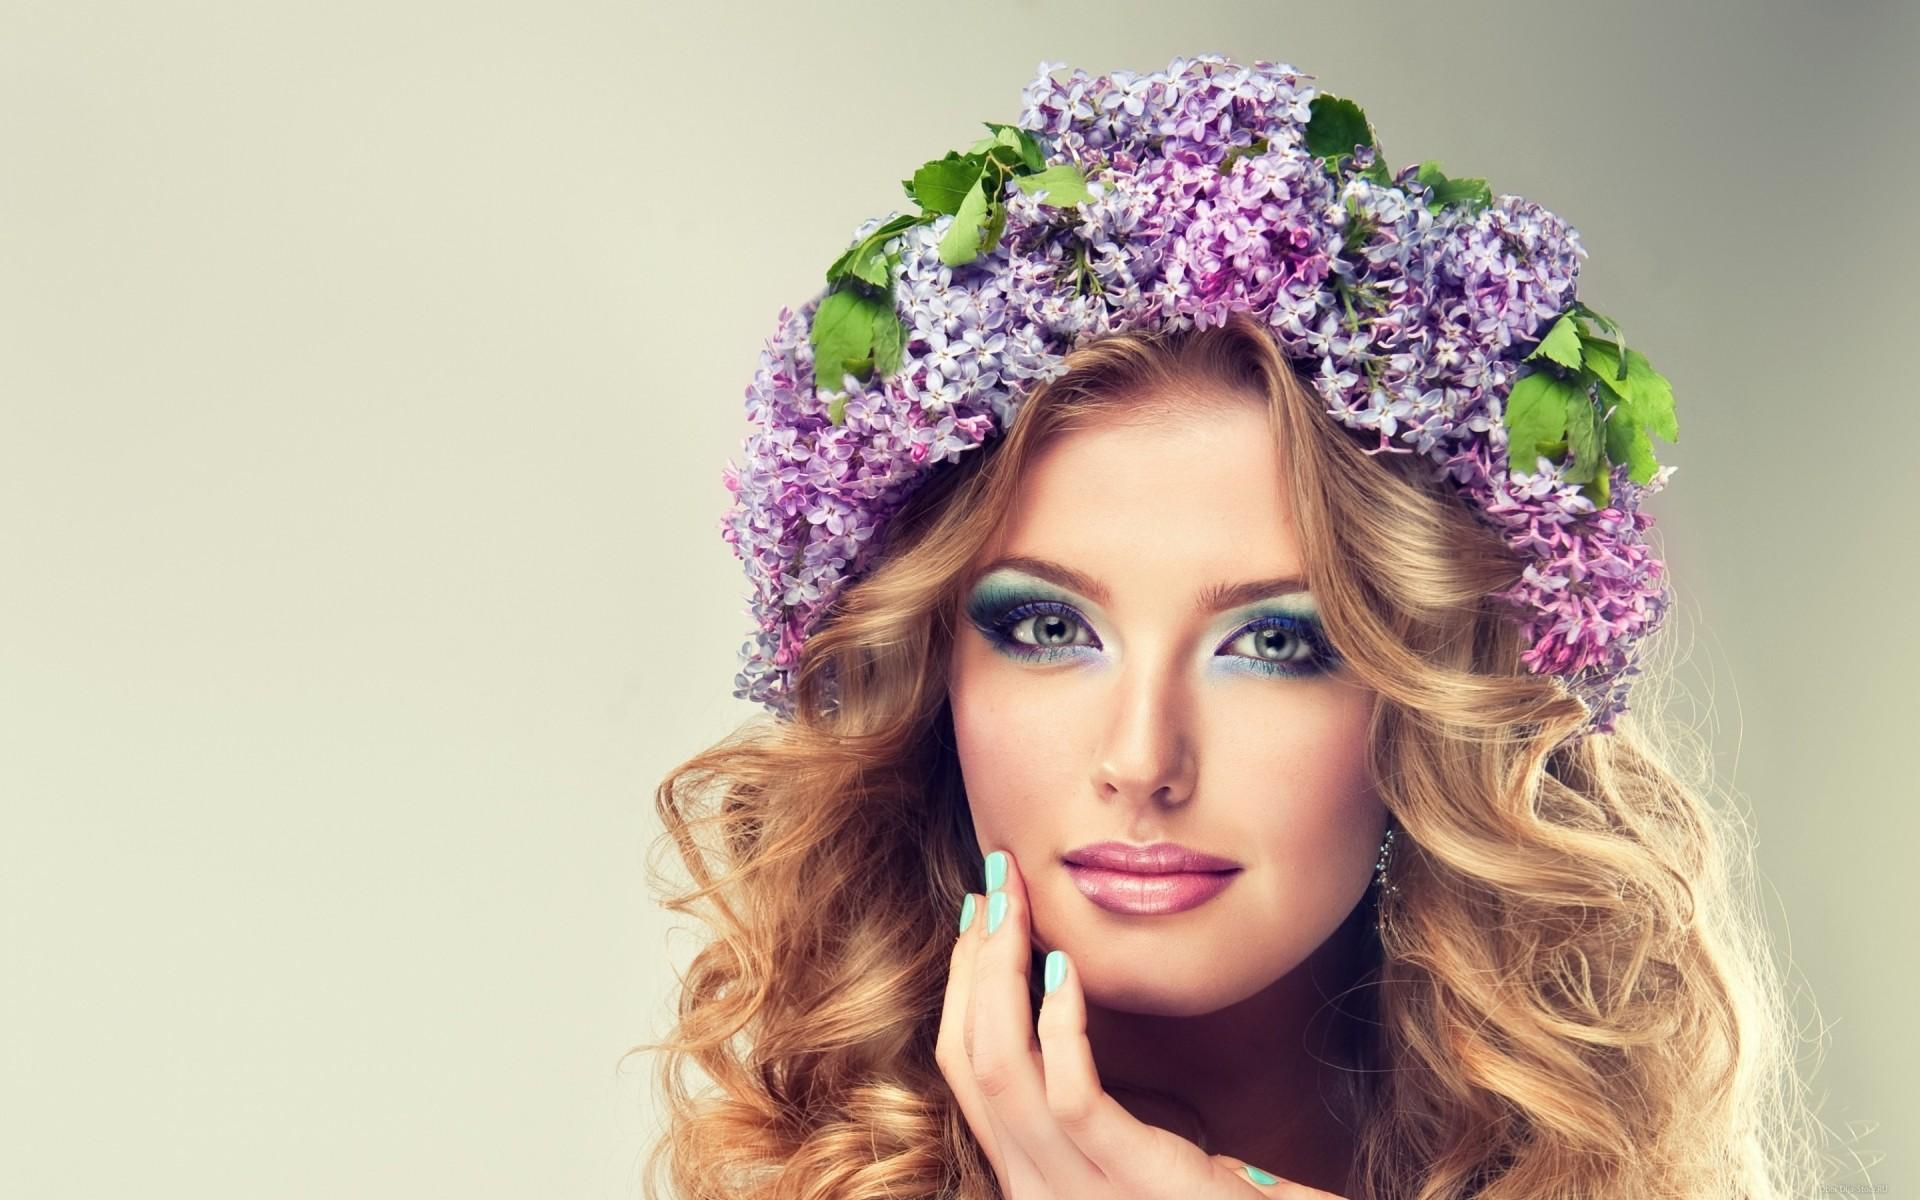 Скачать картинку девушка с цветами 6